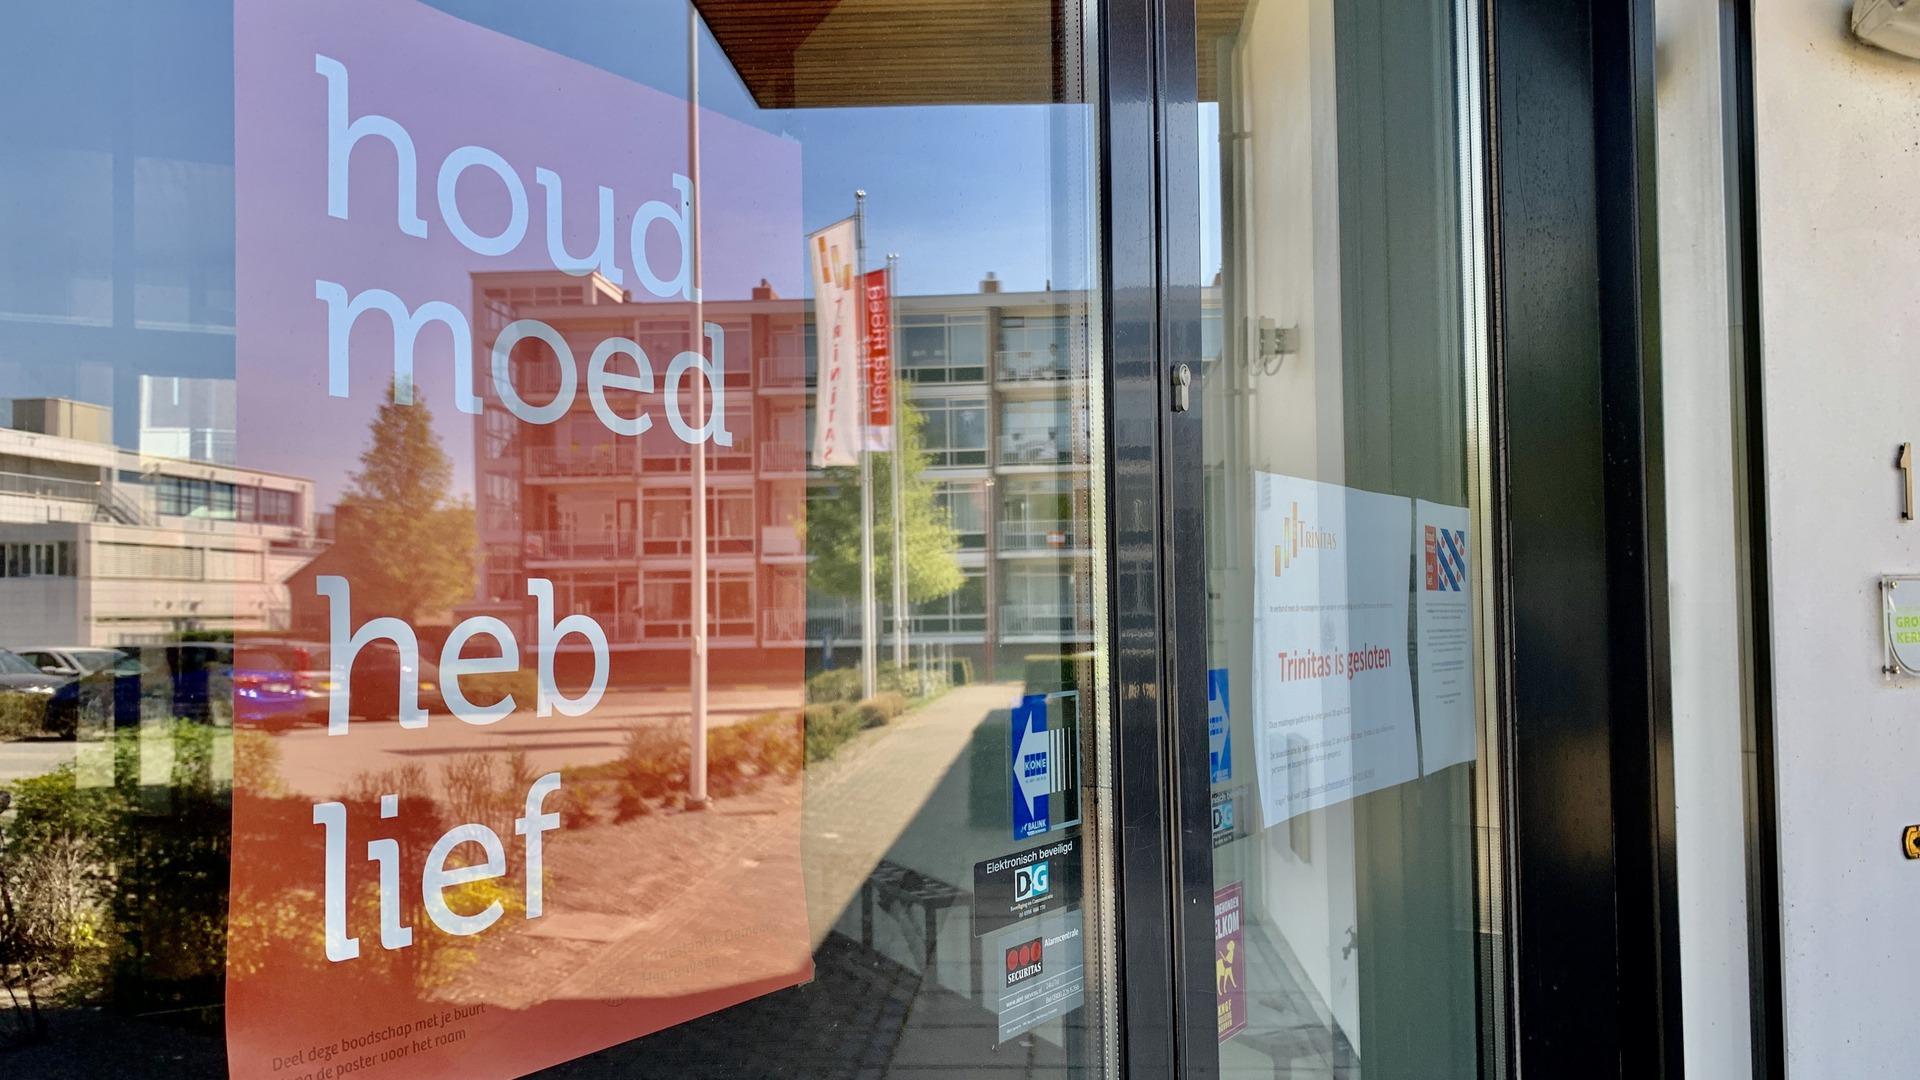 De poster en flagge-aksje 'Houd moed heb lief' - Foto: Omrop Fryslân, Timo Jepkema